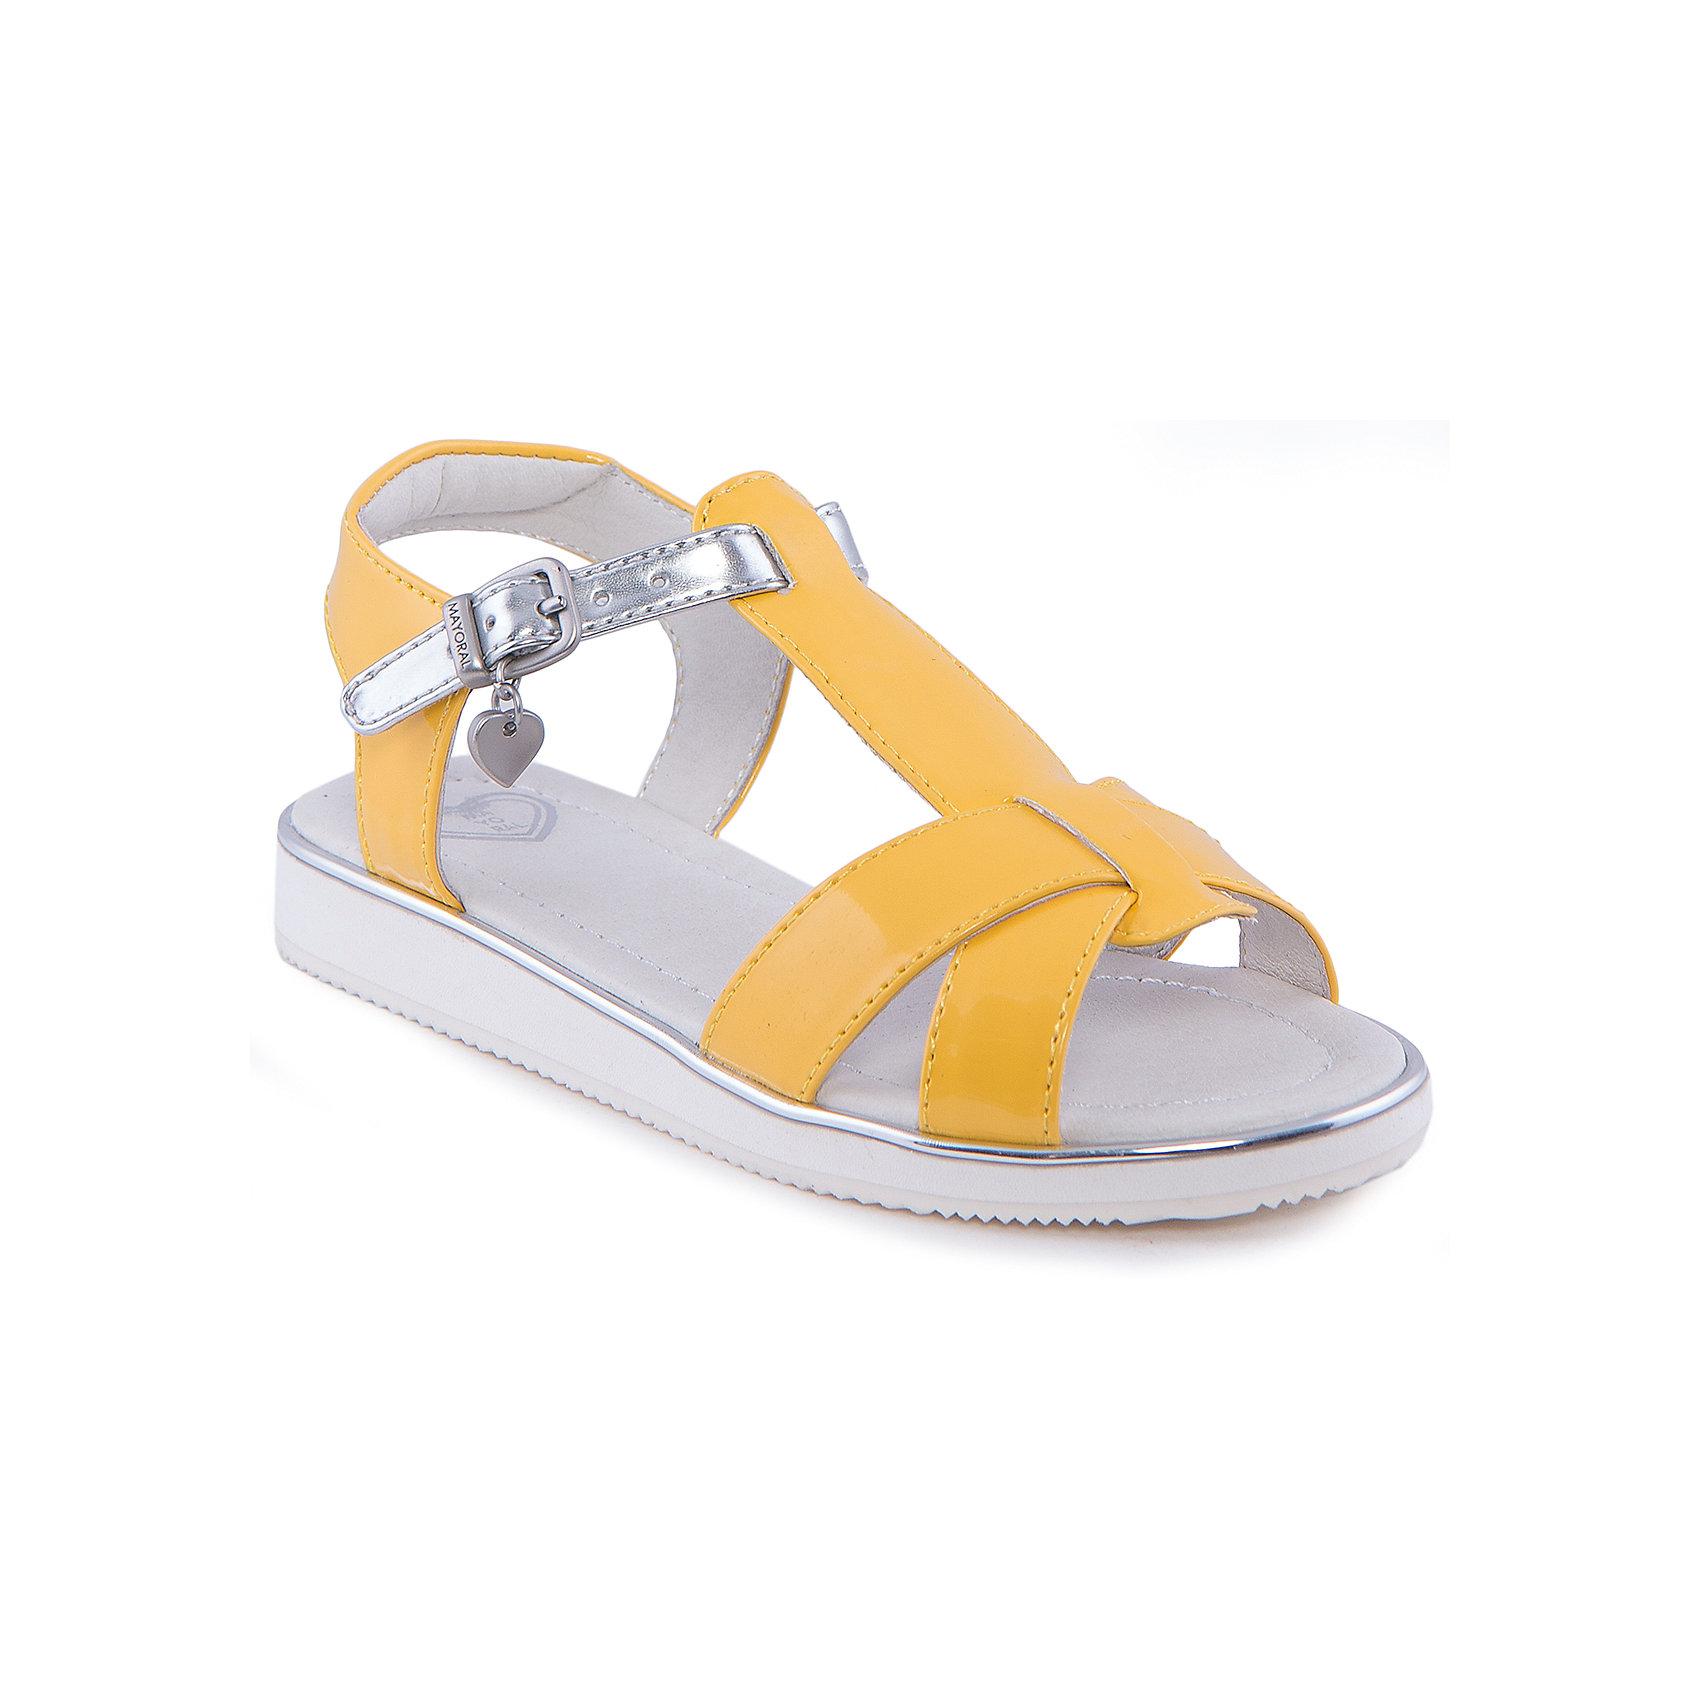 Сандалии для девочки  MayoralСандалии для девочки от известной марки Mayoral.<br><br>Яркие удобные сандалии дополнят образ девочки в новом весенне-летнем сезоне. Эта модель разработала специально для девочек, любящих платья и юбки - именно с женственными моделями такие туфли смотрятся особенно хорошо. Сделаны они из легкого, но прочного материала. Комфортно садятся по ноге и не натирают.<br><br>Особенности модели:<br><br>- цвет: желтый;<br>- плоская нескользящая подошва;<br>- материал - лакированная искусственная кожа;<br>- застежка-ремешок;<br>- подошва толстая;<br>- сбоку - металлический логотип в виде сердца.<br><br>Дополнительная информация:<br><br>Состав: верх - искусственная кожа;<br>стелька - натуральная кожа;<br>подошва - полиуретан.<br><br>Сандалии для девочки от Mayoral (Майорал) можно купить в нашем магазине.<br><br>Ширина мм: 219<br>Глубина мм: 154<br>Высота мм: 121<br>Вес г: 343<br>Цвет: желтый<br>Возраст от месяцев: 84<br>Возраст до месяцев: 96<br>Пол: Женский<br>Возраст: Детский<br>Размер: 31,26,28,29,32,30,27<br>SKU: 4539906